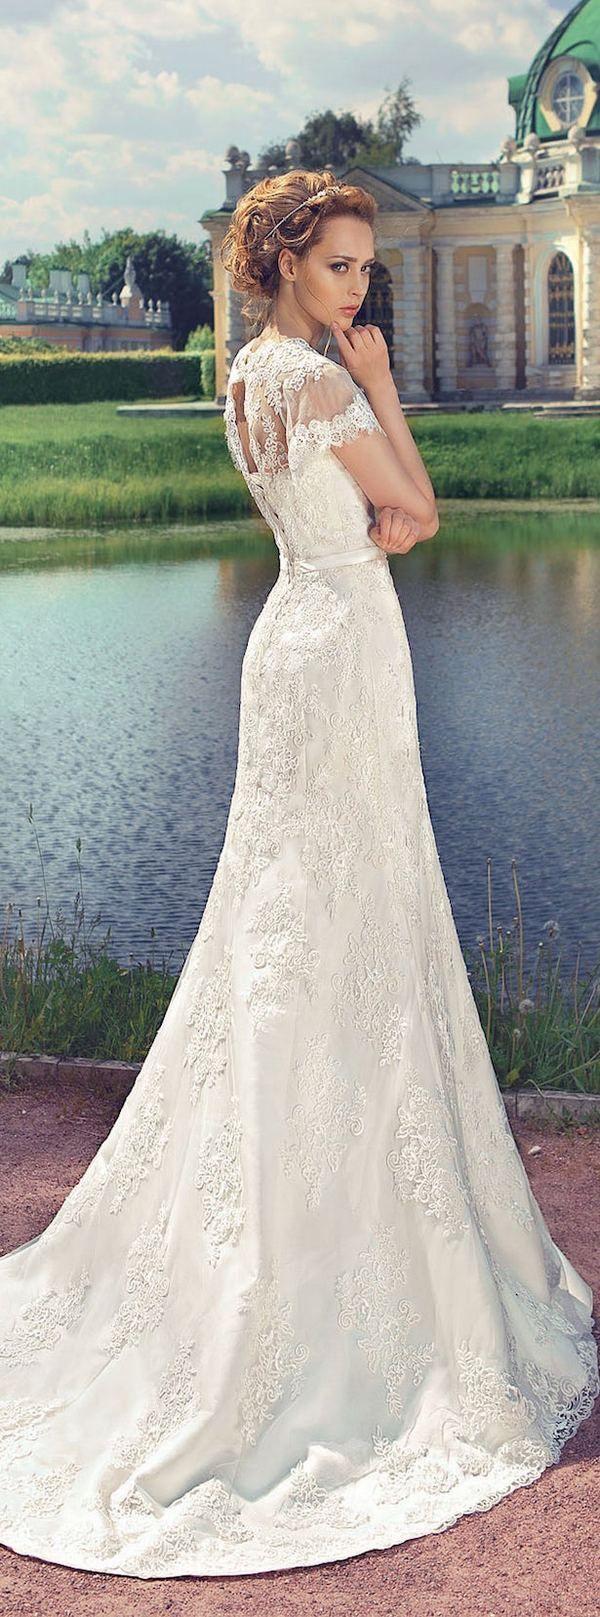 163 besten Brautkleider Bilder auf Pinterest | Hochzeitskleider ...